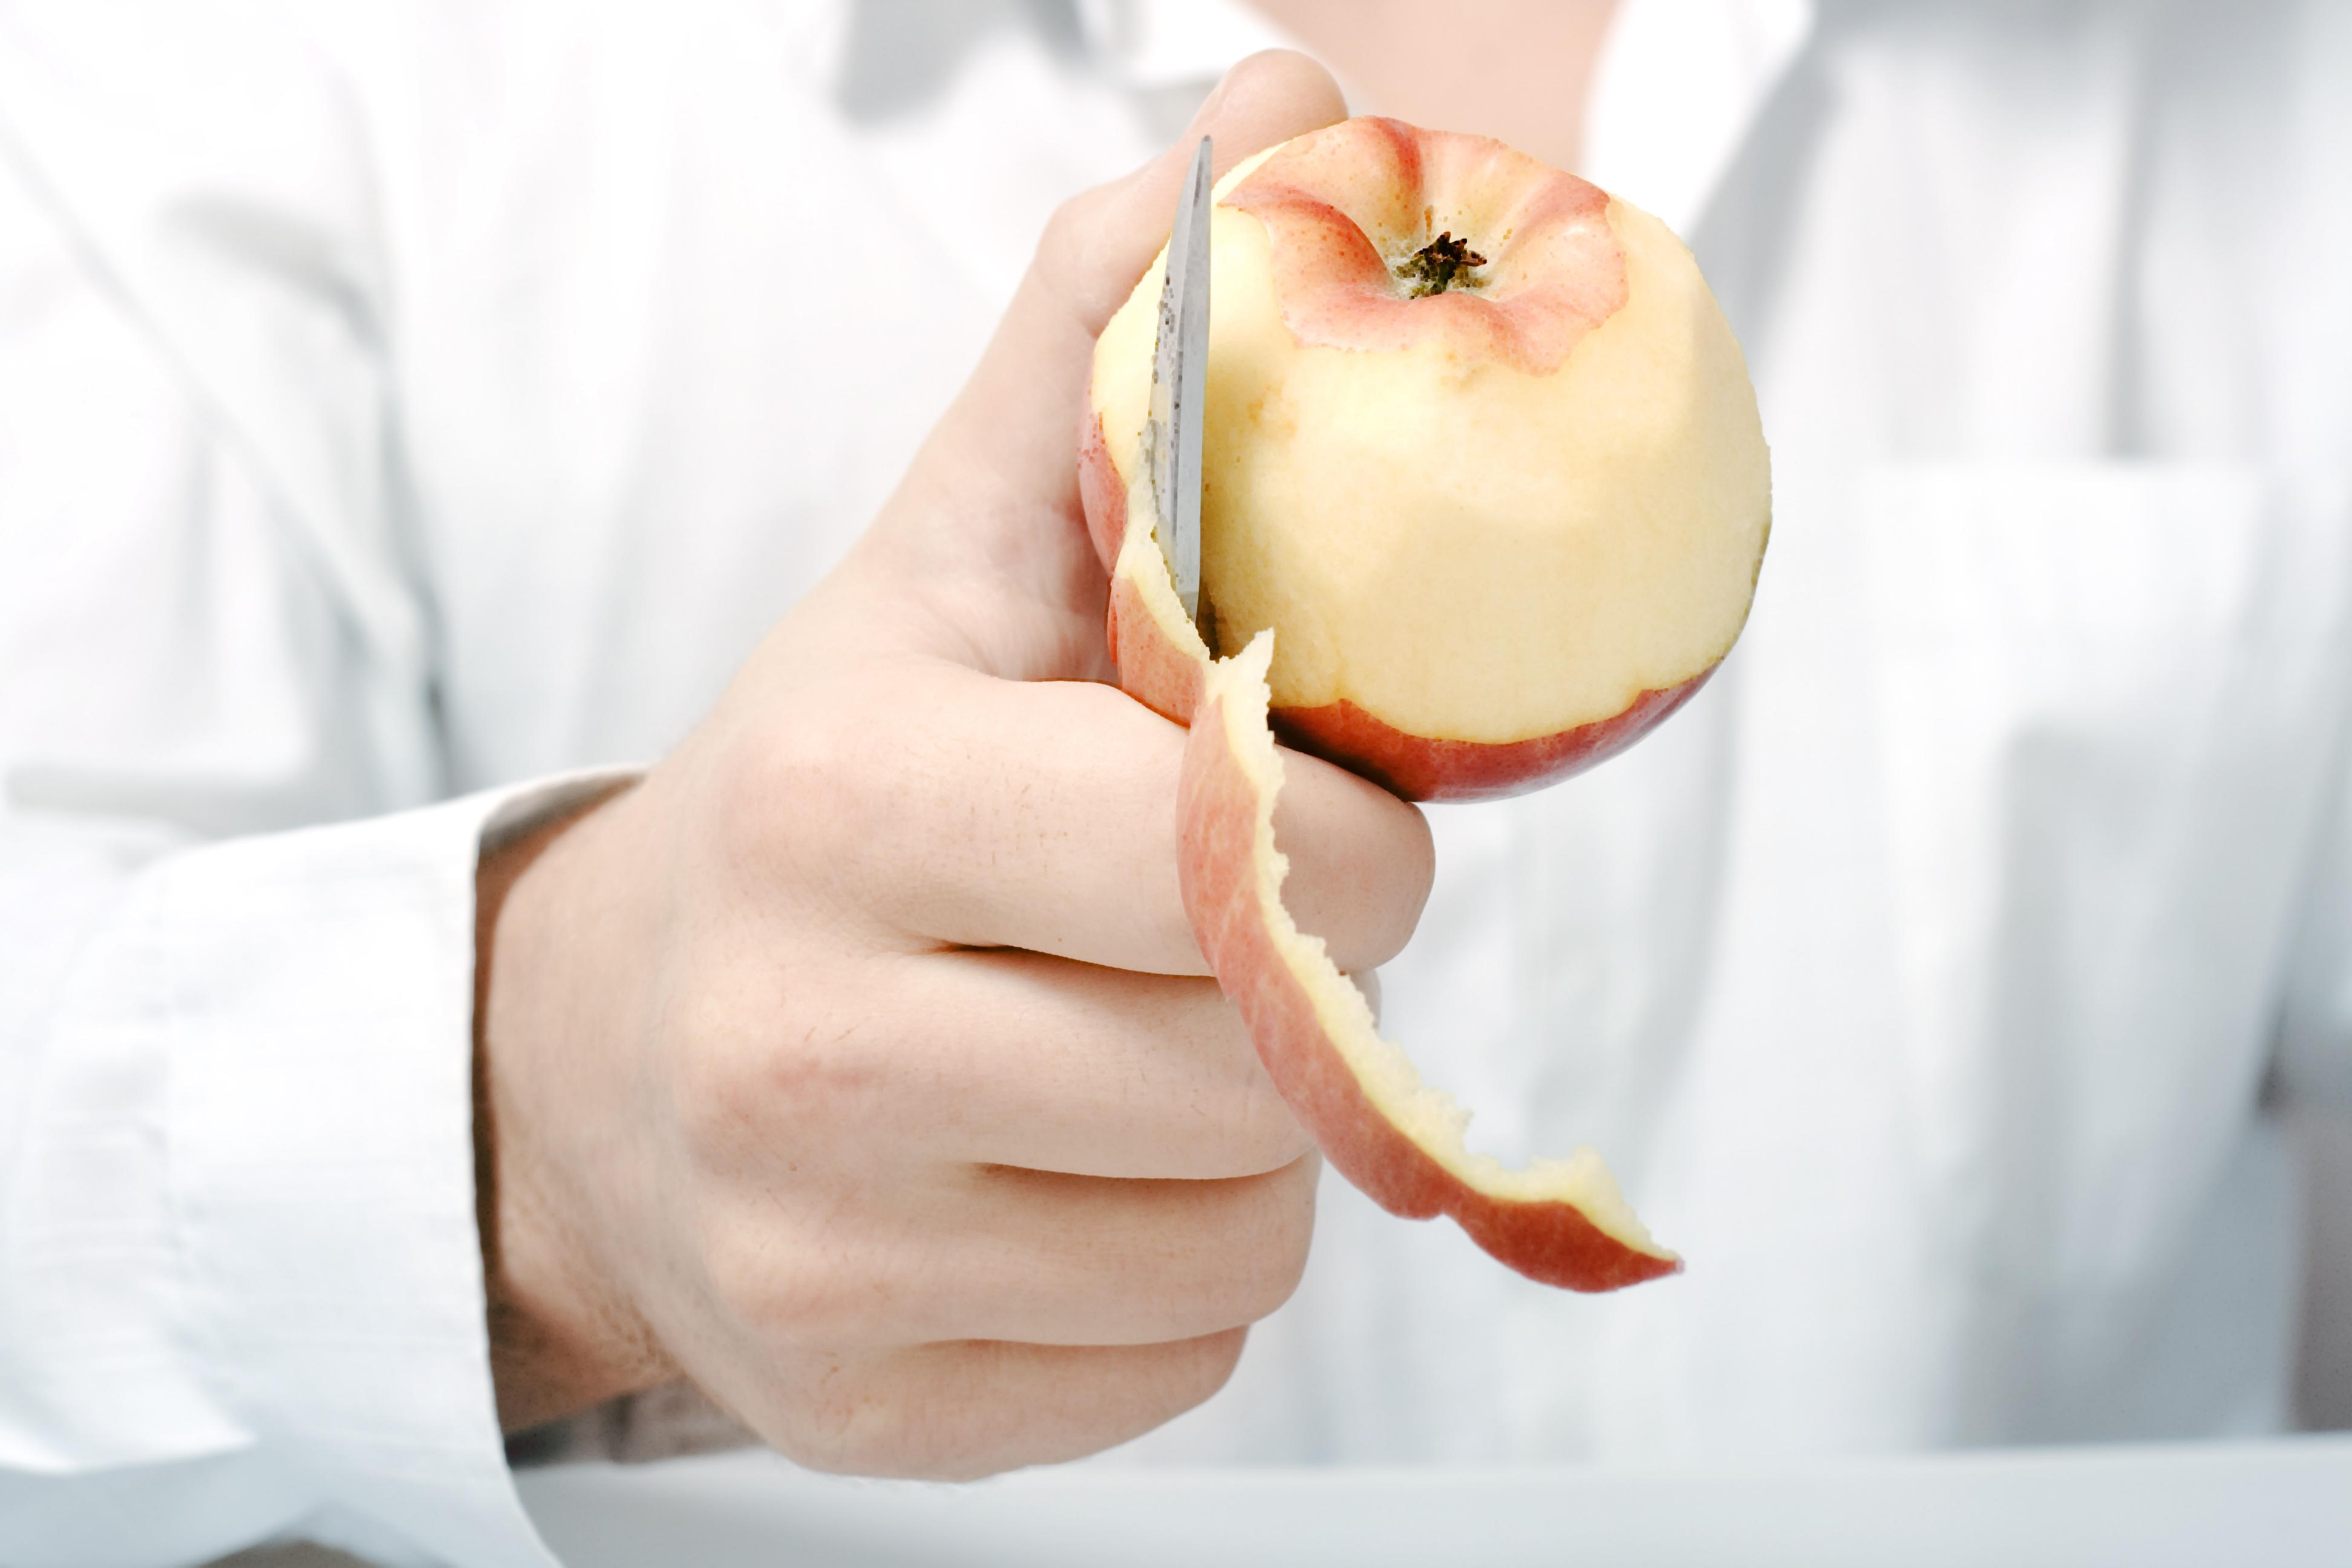 Consuma os alimentos indicados (Doto: Divulgação)